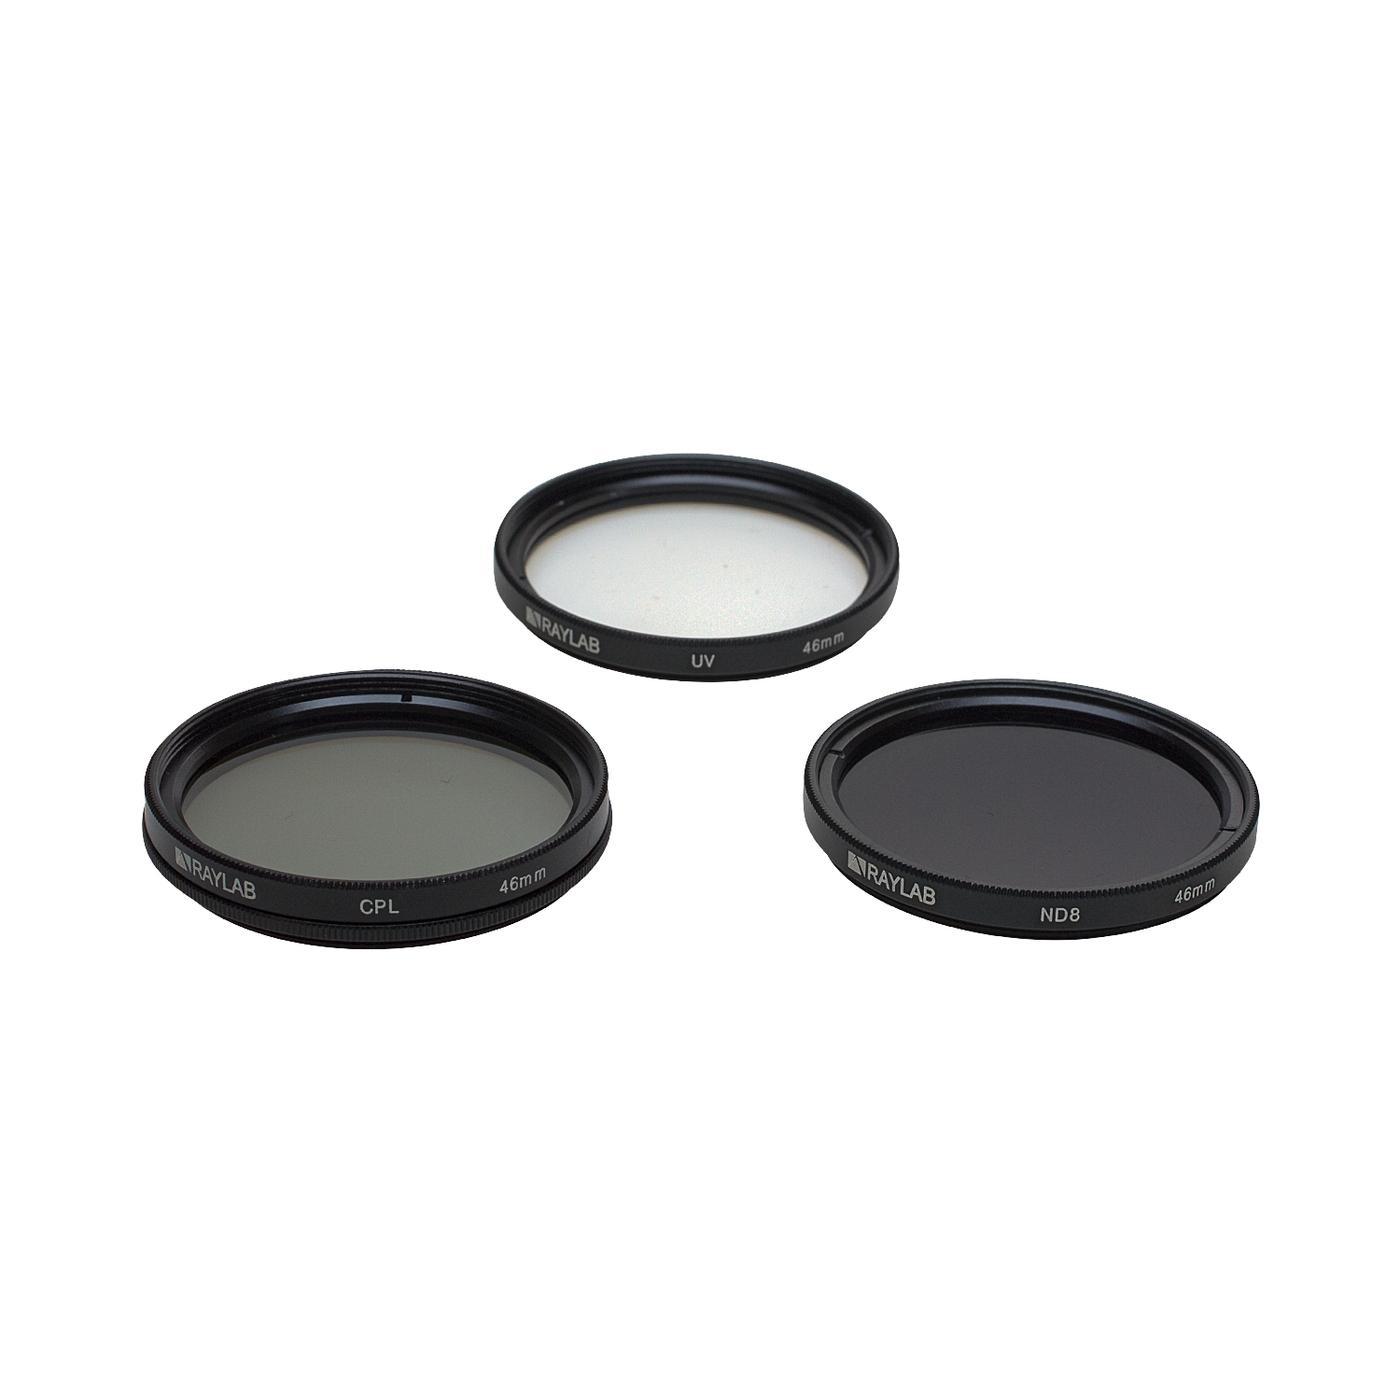 Набор из 3 фильтров RayLab (UV,CPL,ND8) 46mm